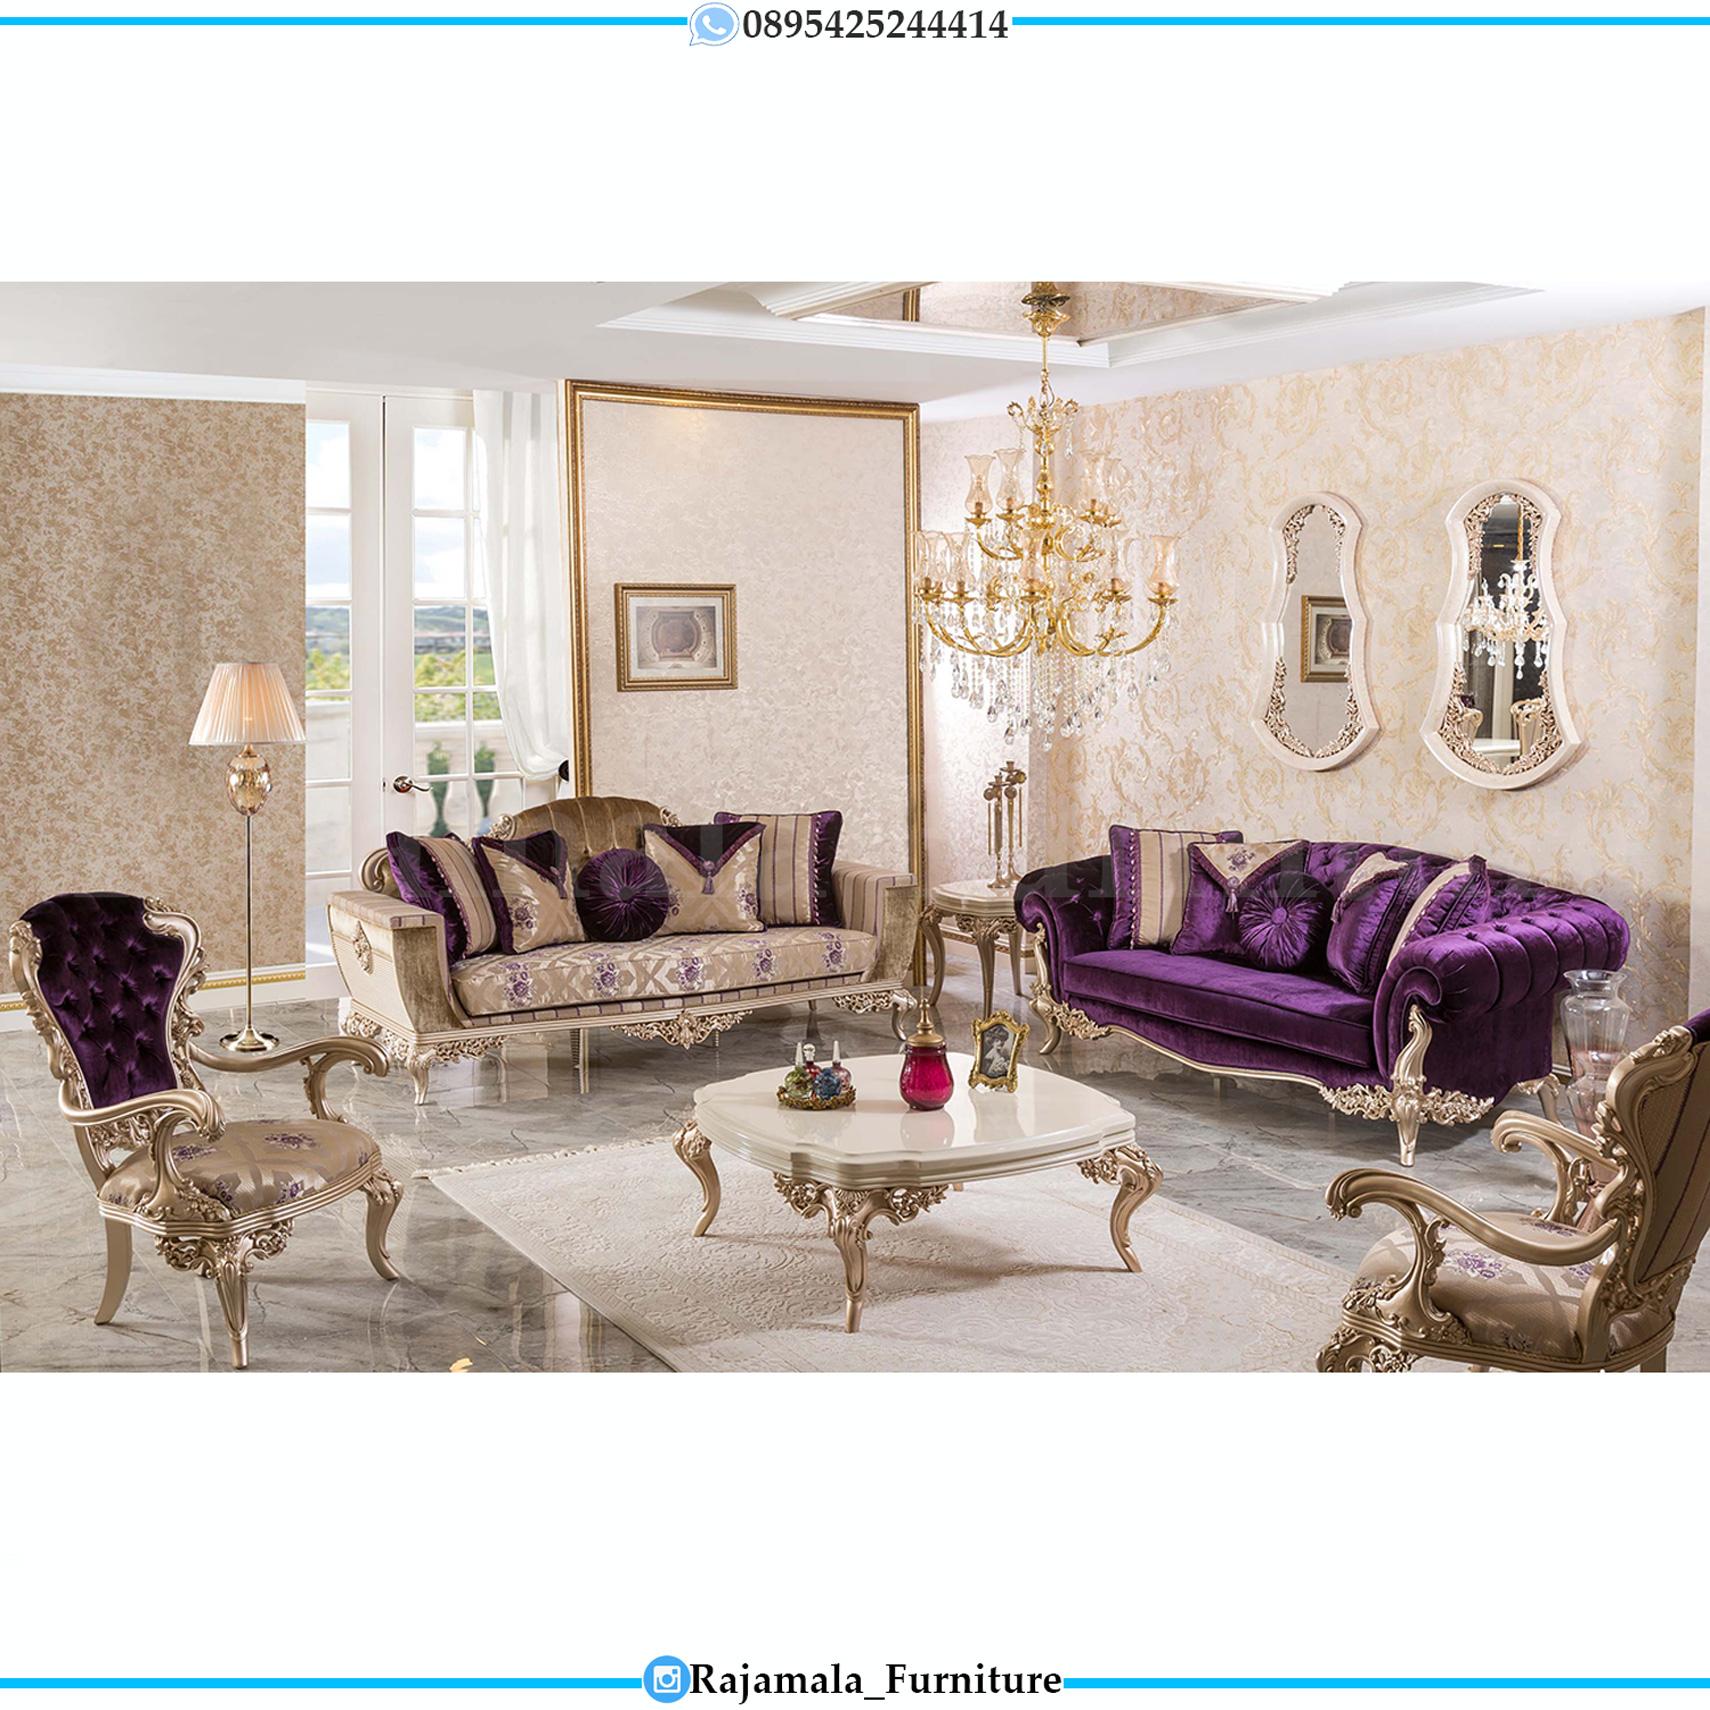 Sofa Mewah Luxury Classic Desain Ruang Tamu Great Furniture Jepara RM-0138